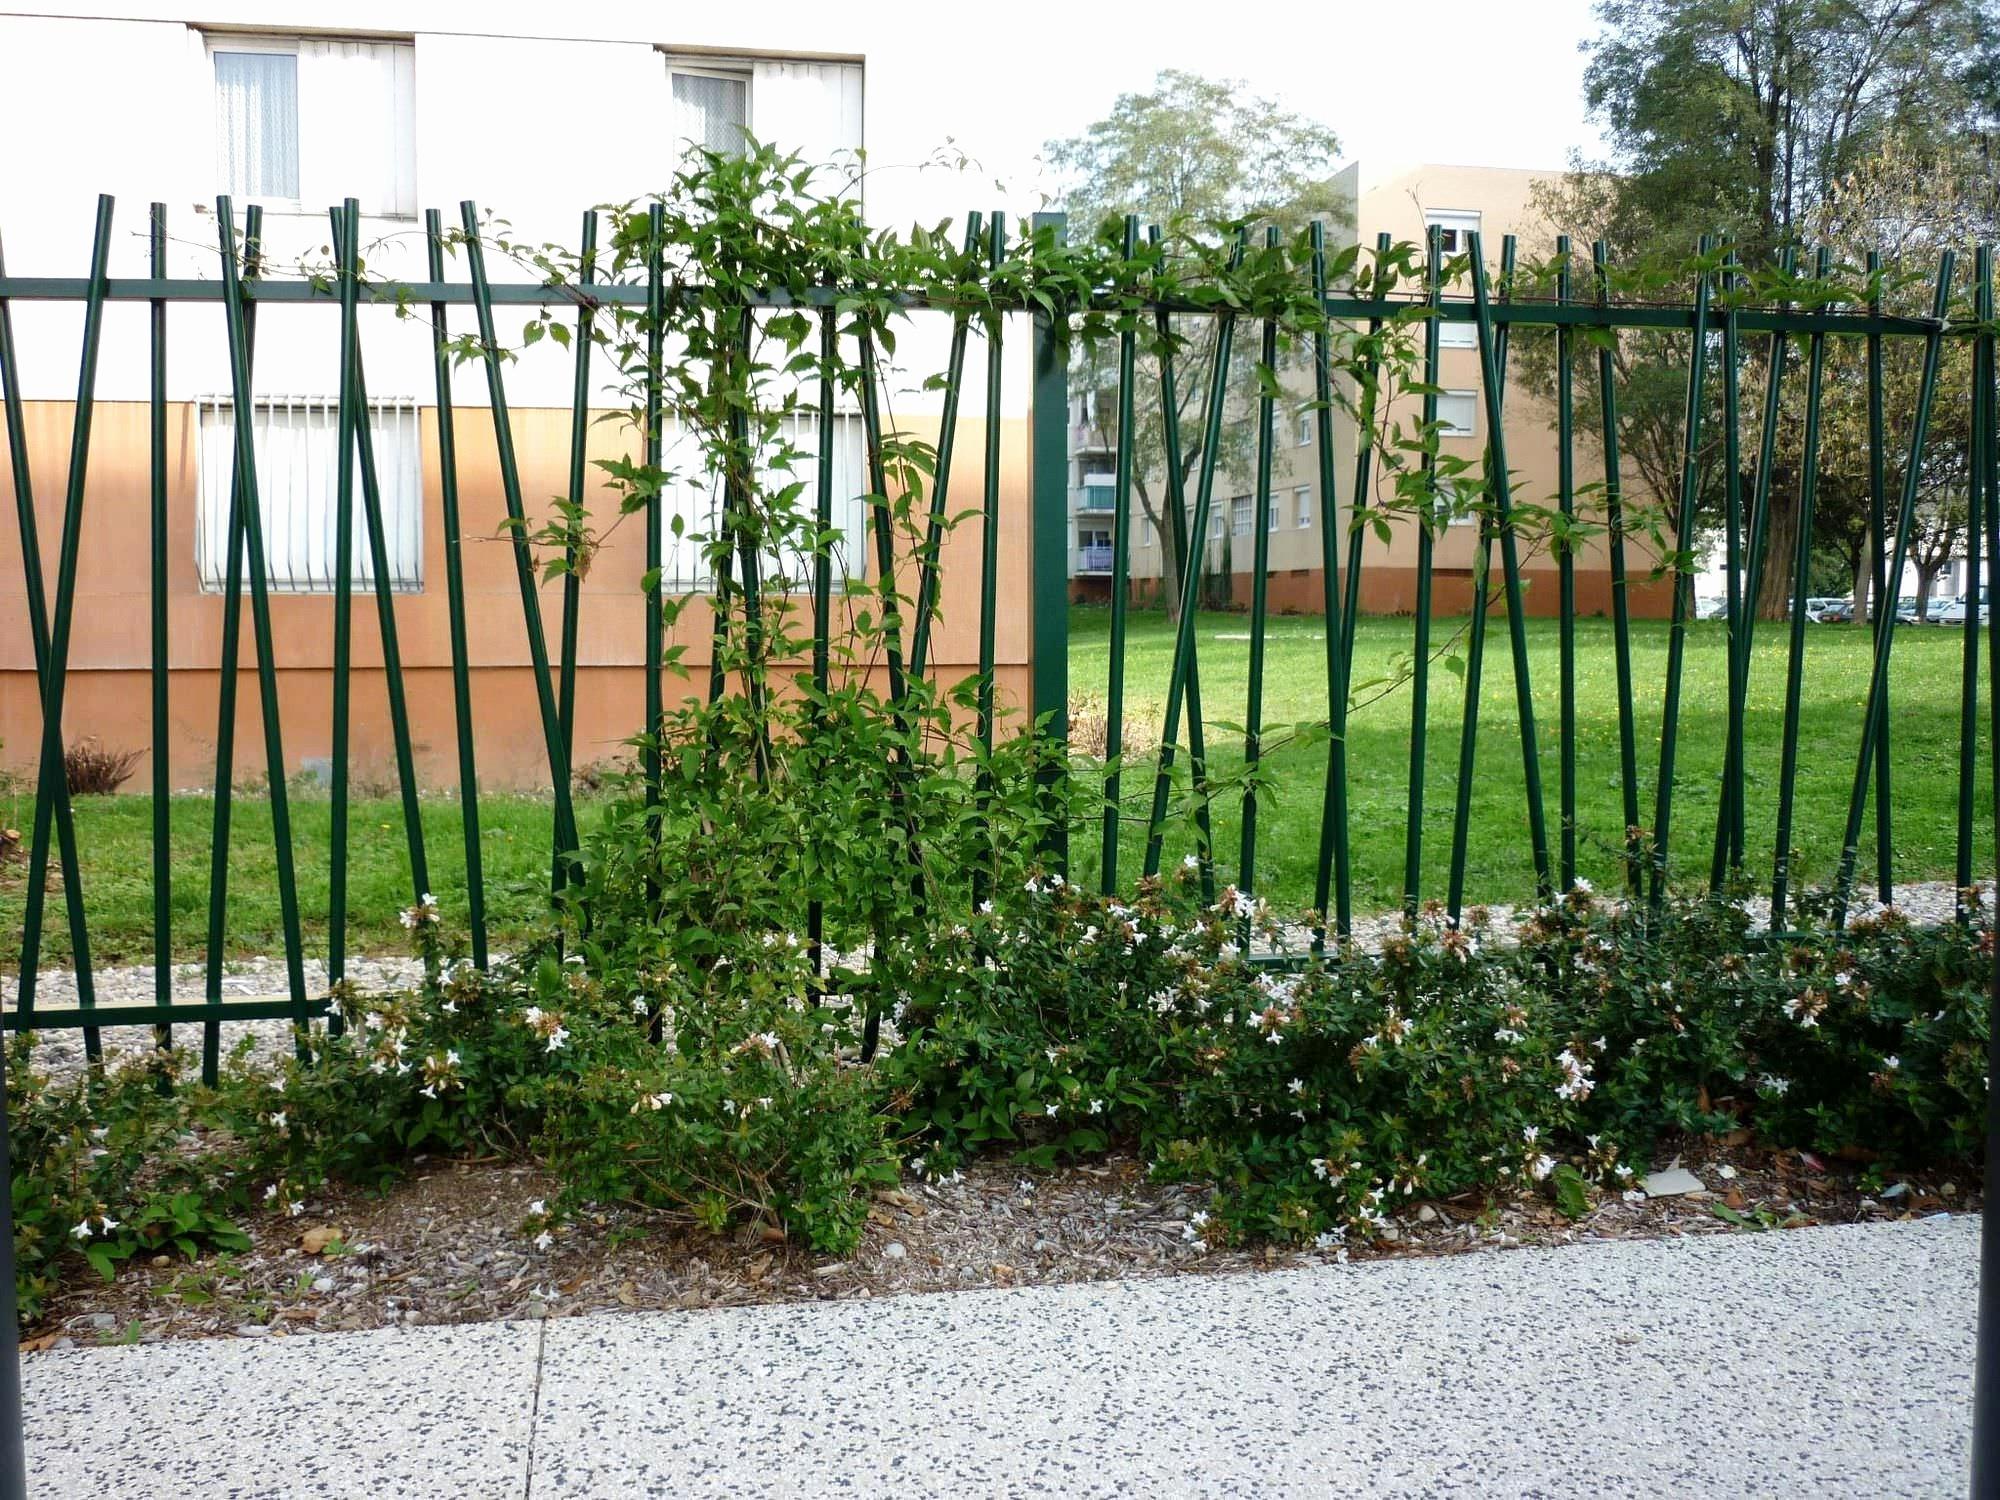 Abri De Jardin En Bois Carrefour Impressionnant Galerie Carrefour Abris De Jardin Pour Magnifique Cabane De Jardin originale